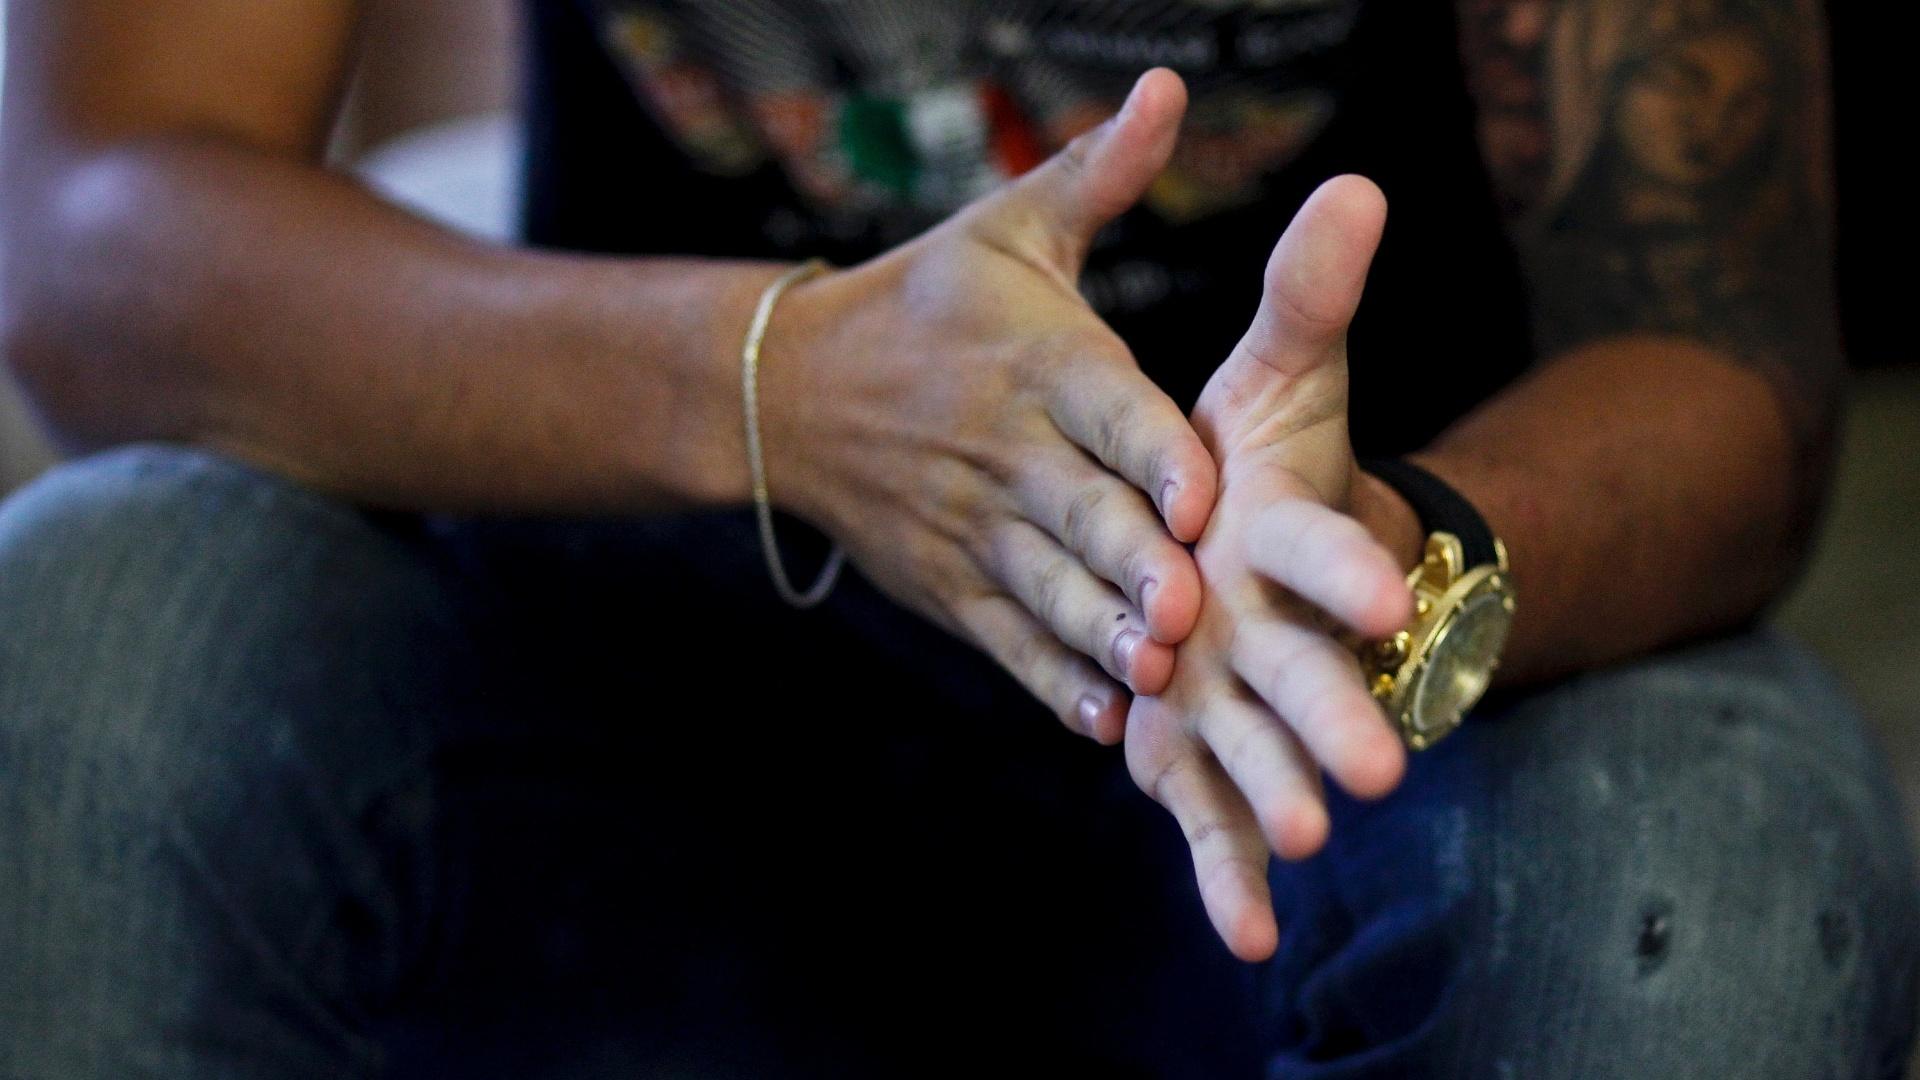 Cañete esfrega as mãos durante entrevista para o UOL em sua casa